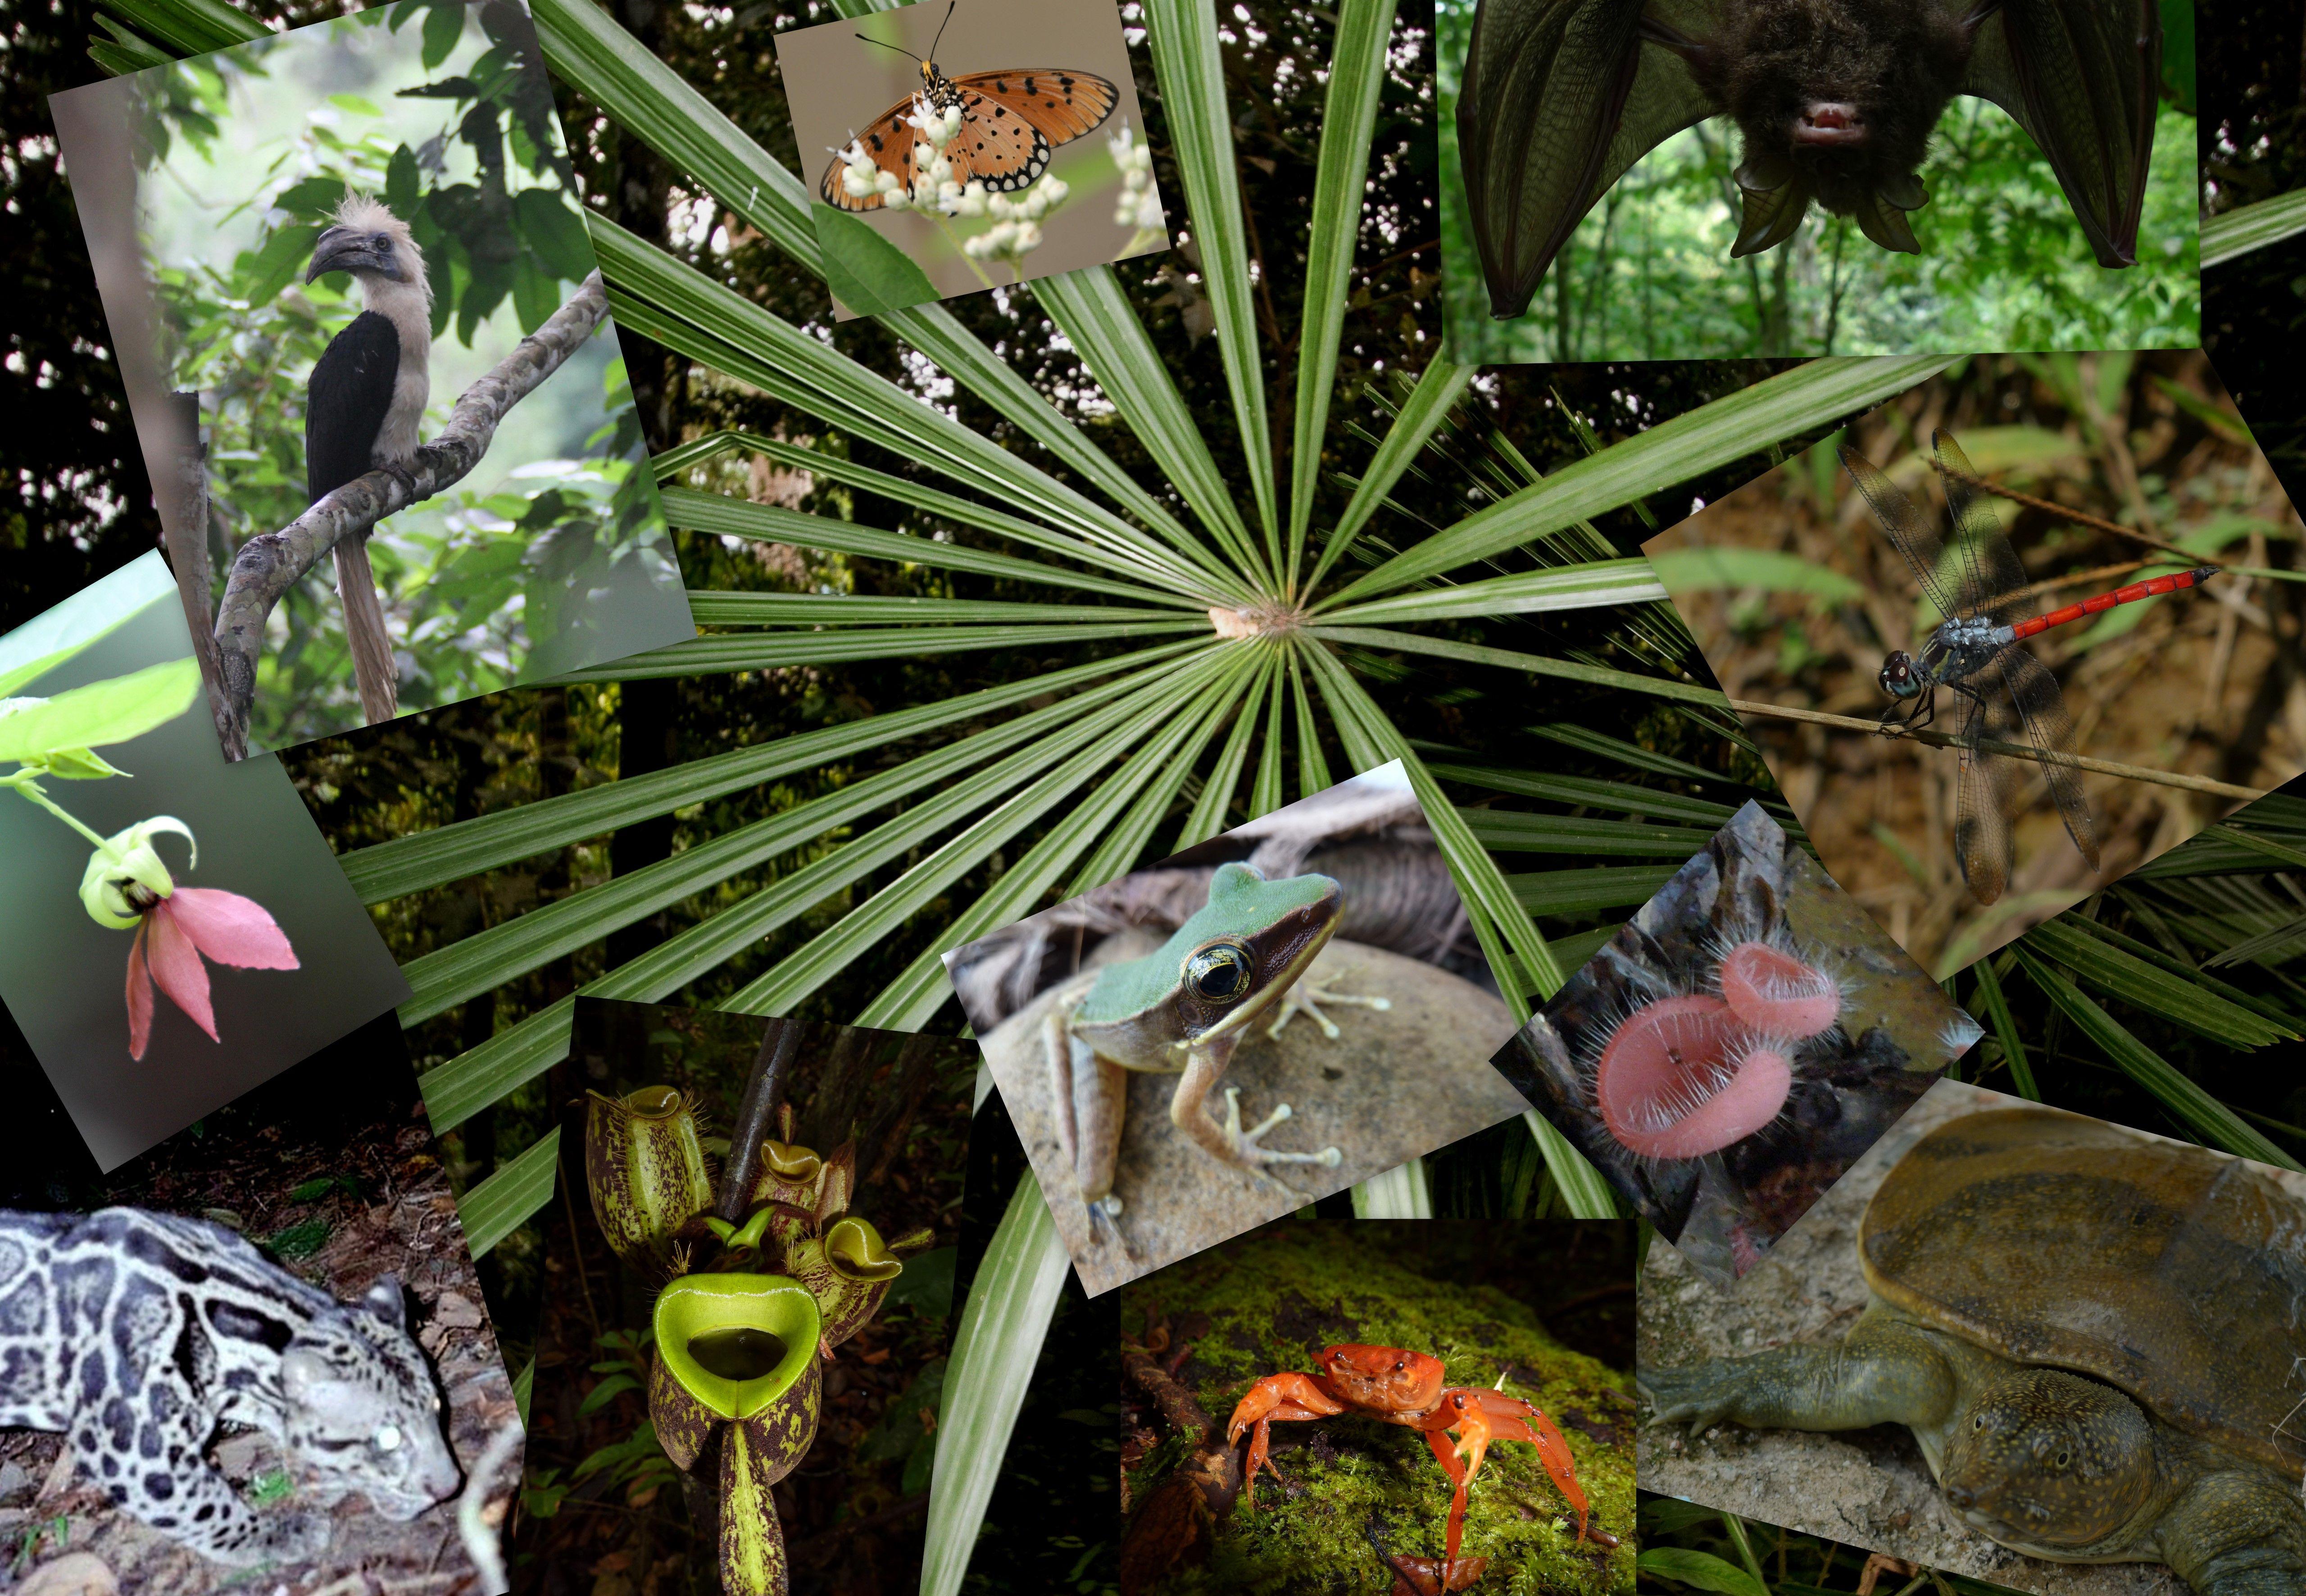 Виды, роль, снижение и охрана биологического разнообразия